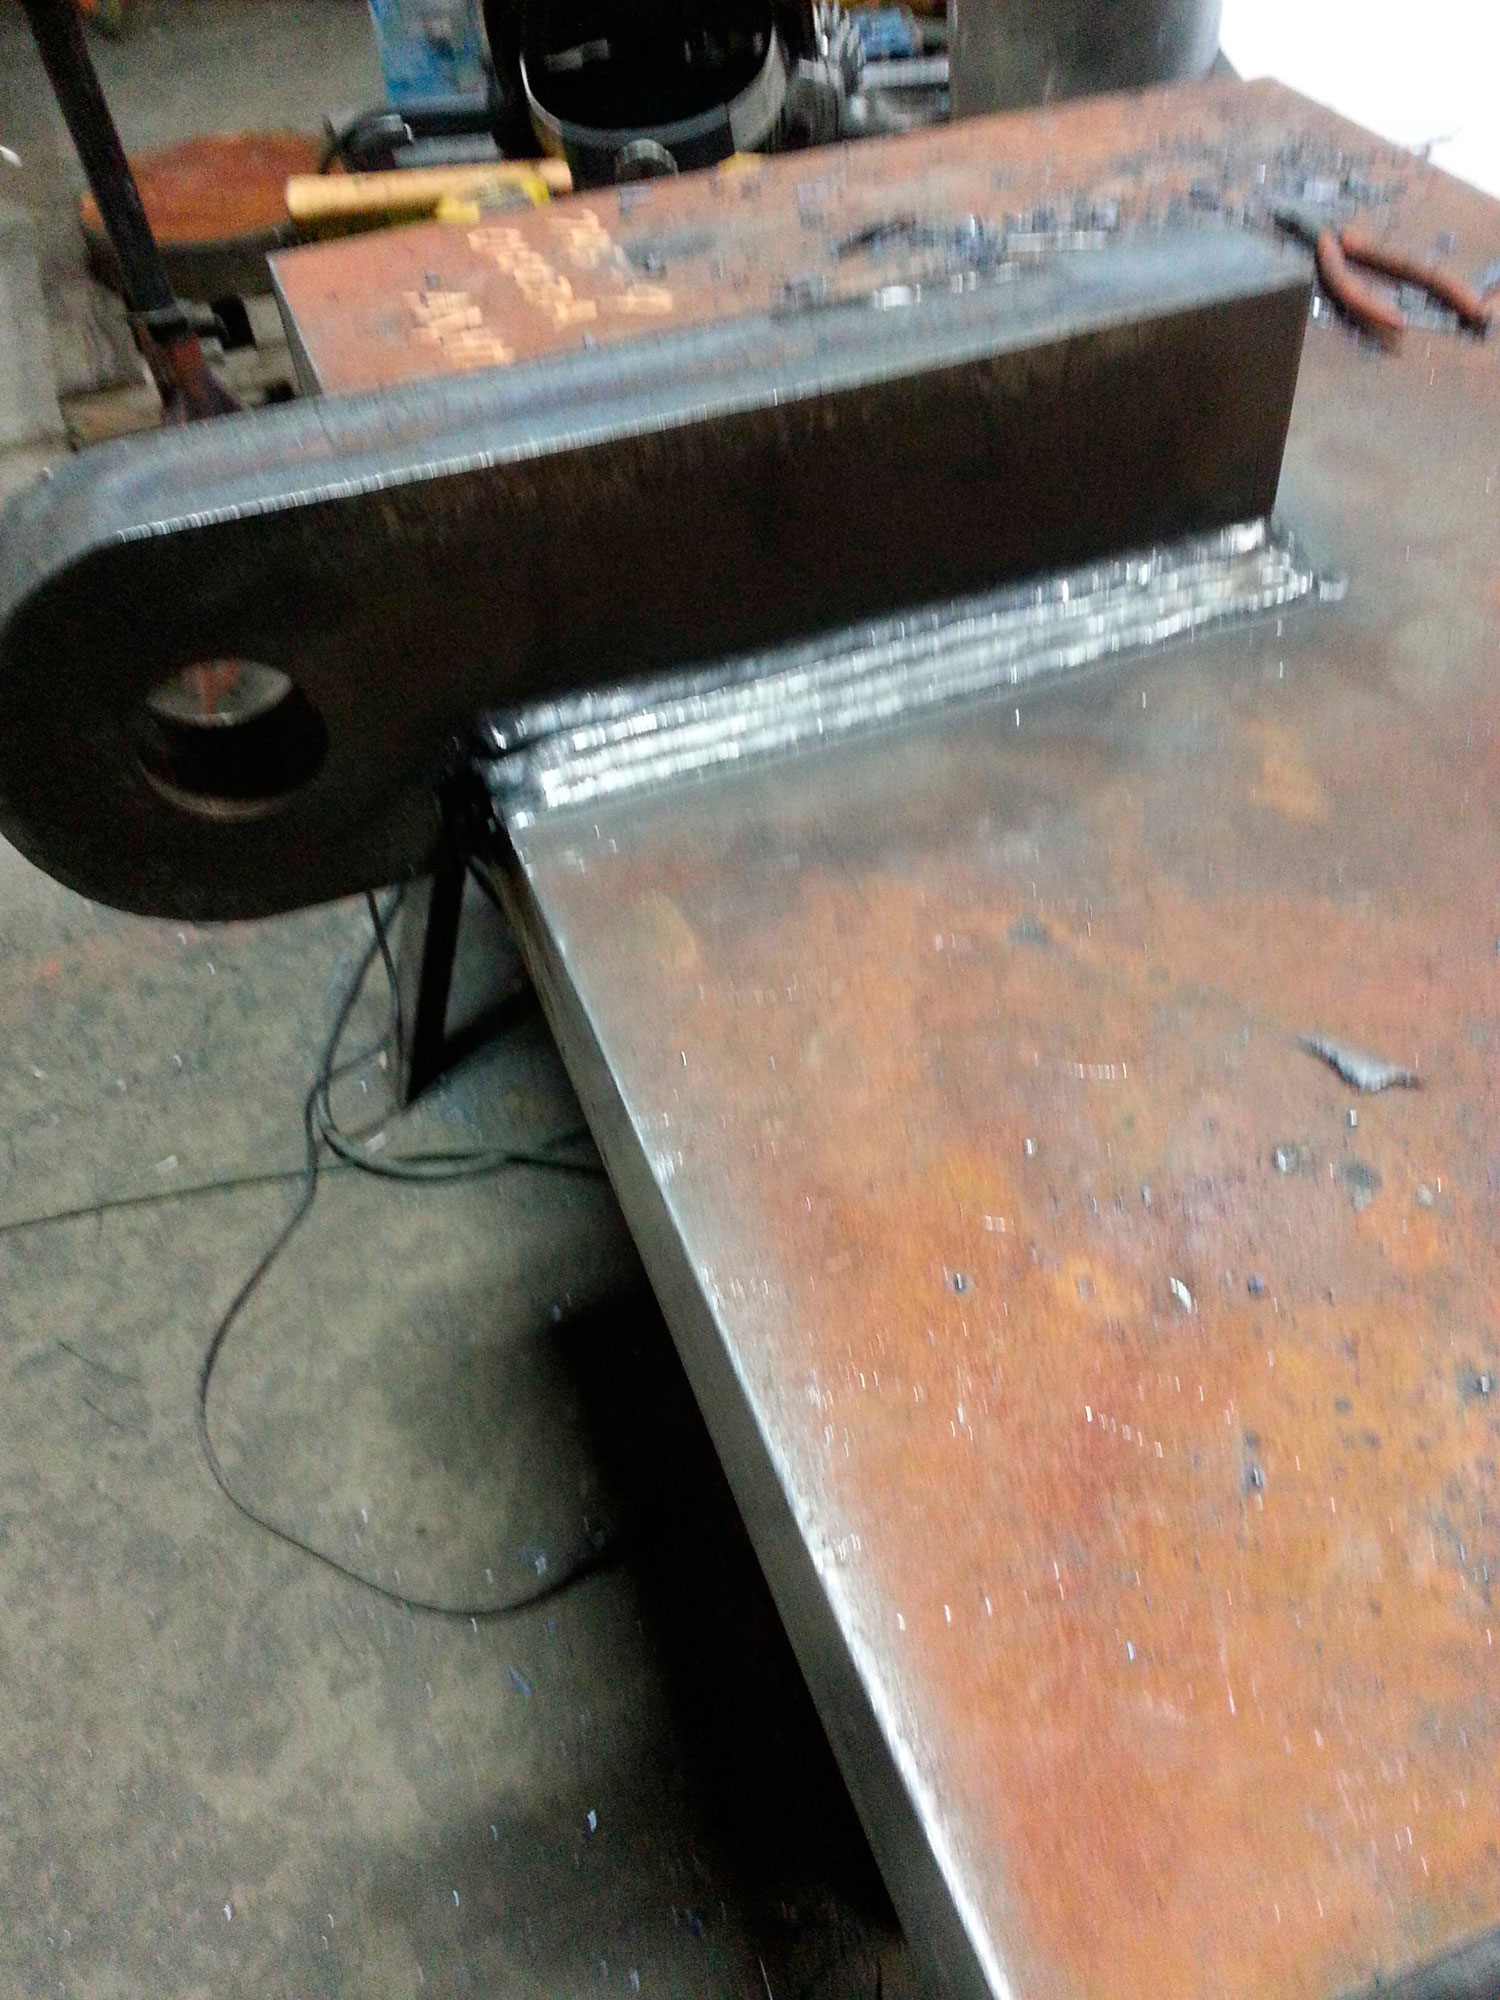 2-inch plate welding